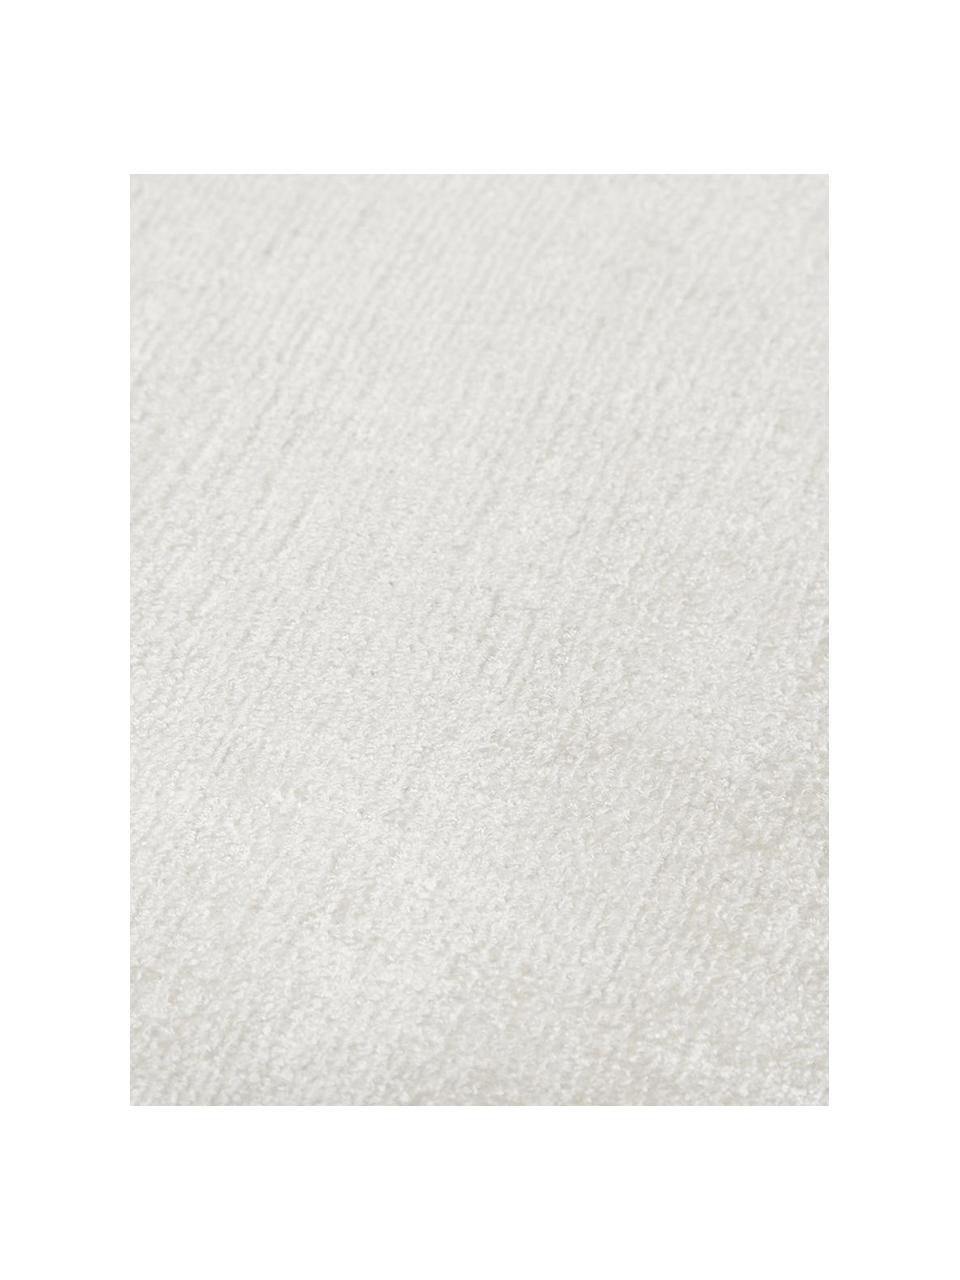 Tappeto in viscosa color avorio tessuto a mano Jane, Vello: 100% viscosa, Retro: 100% cotone, Color avorio, Larg. 300  x Lung. 400 cm (taglia XL)